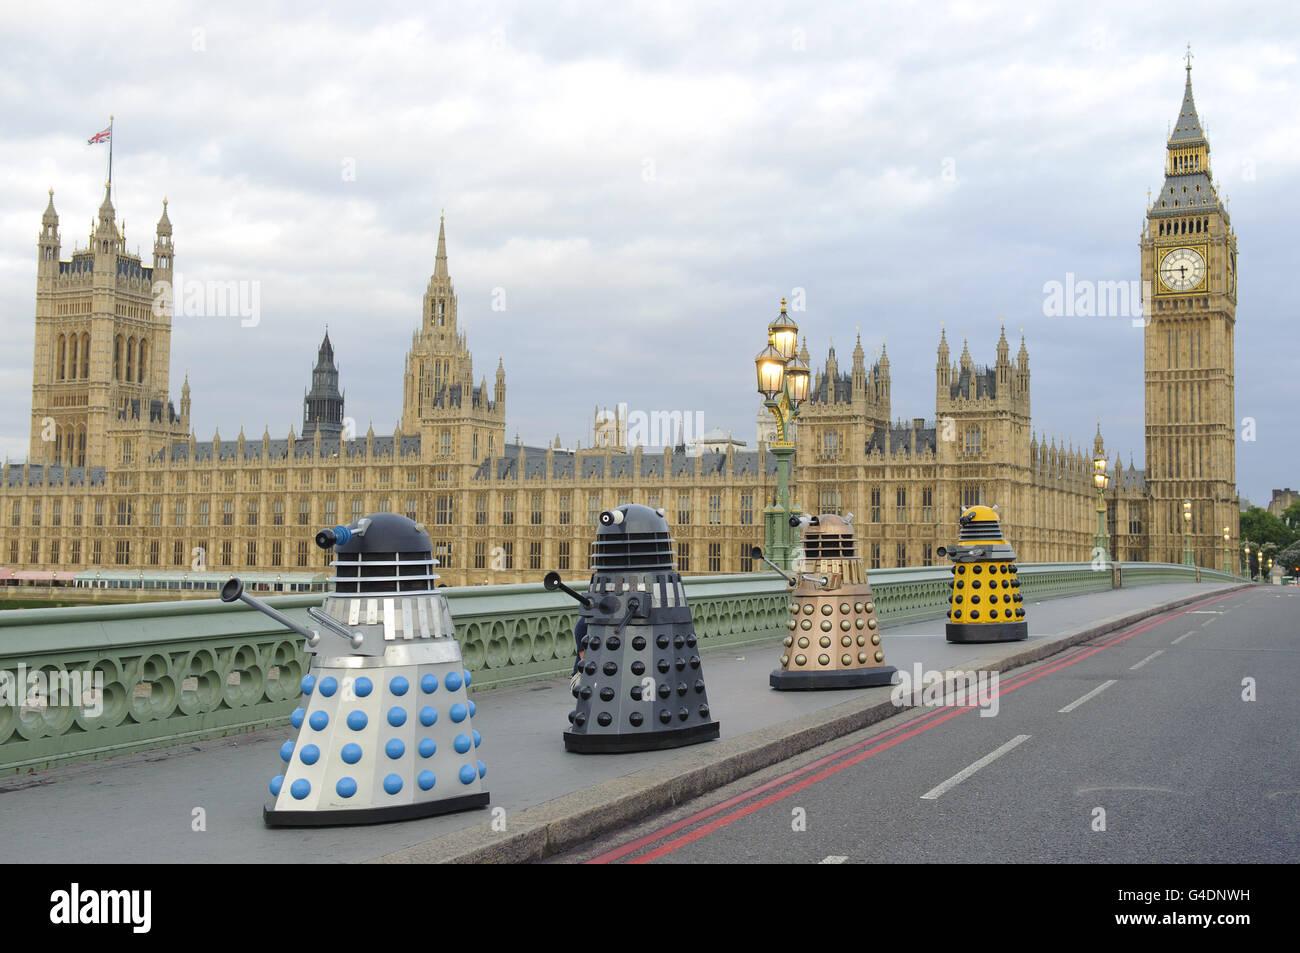 Daleks on Westminster Bridge - Stock Image